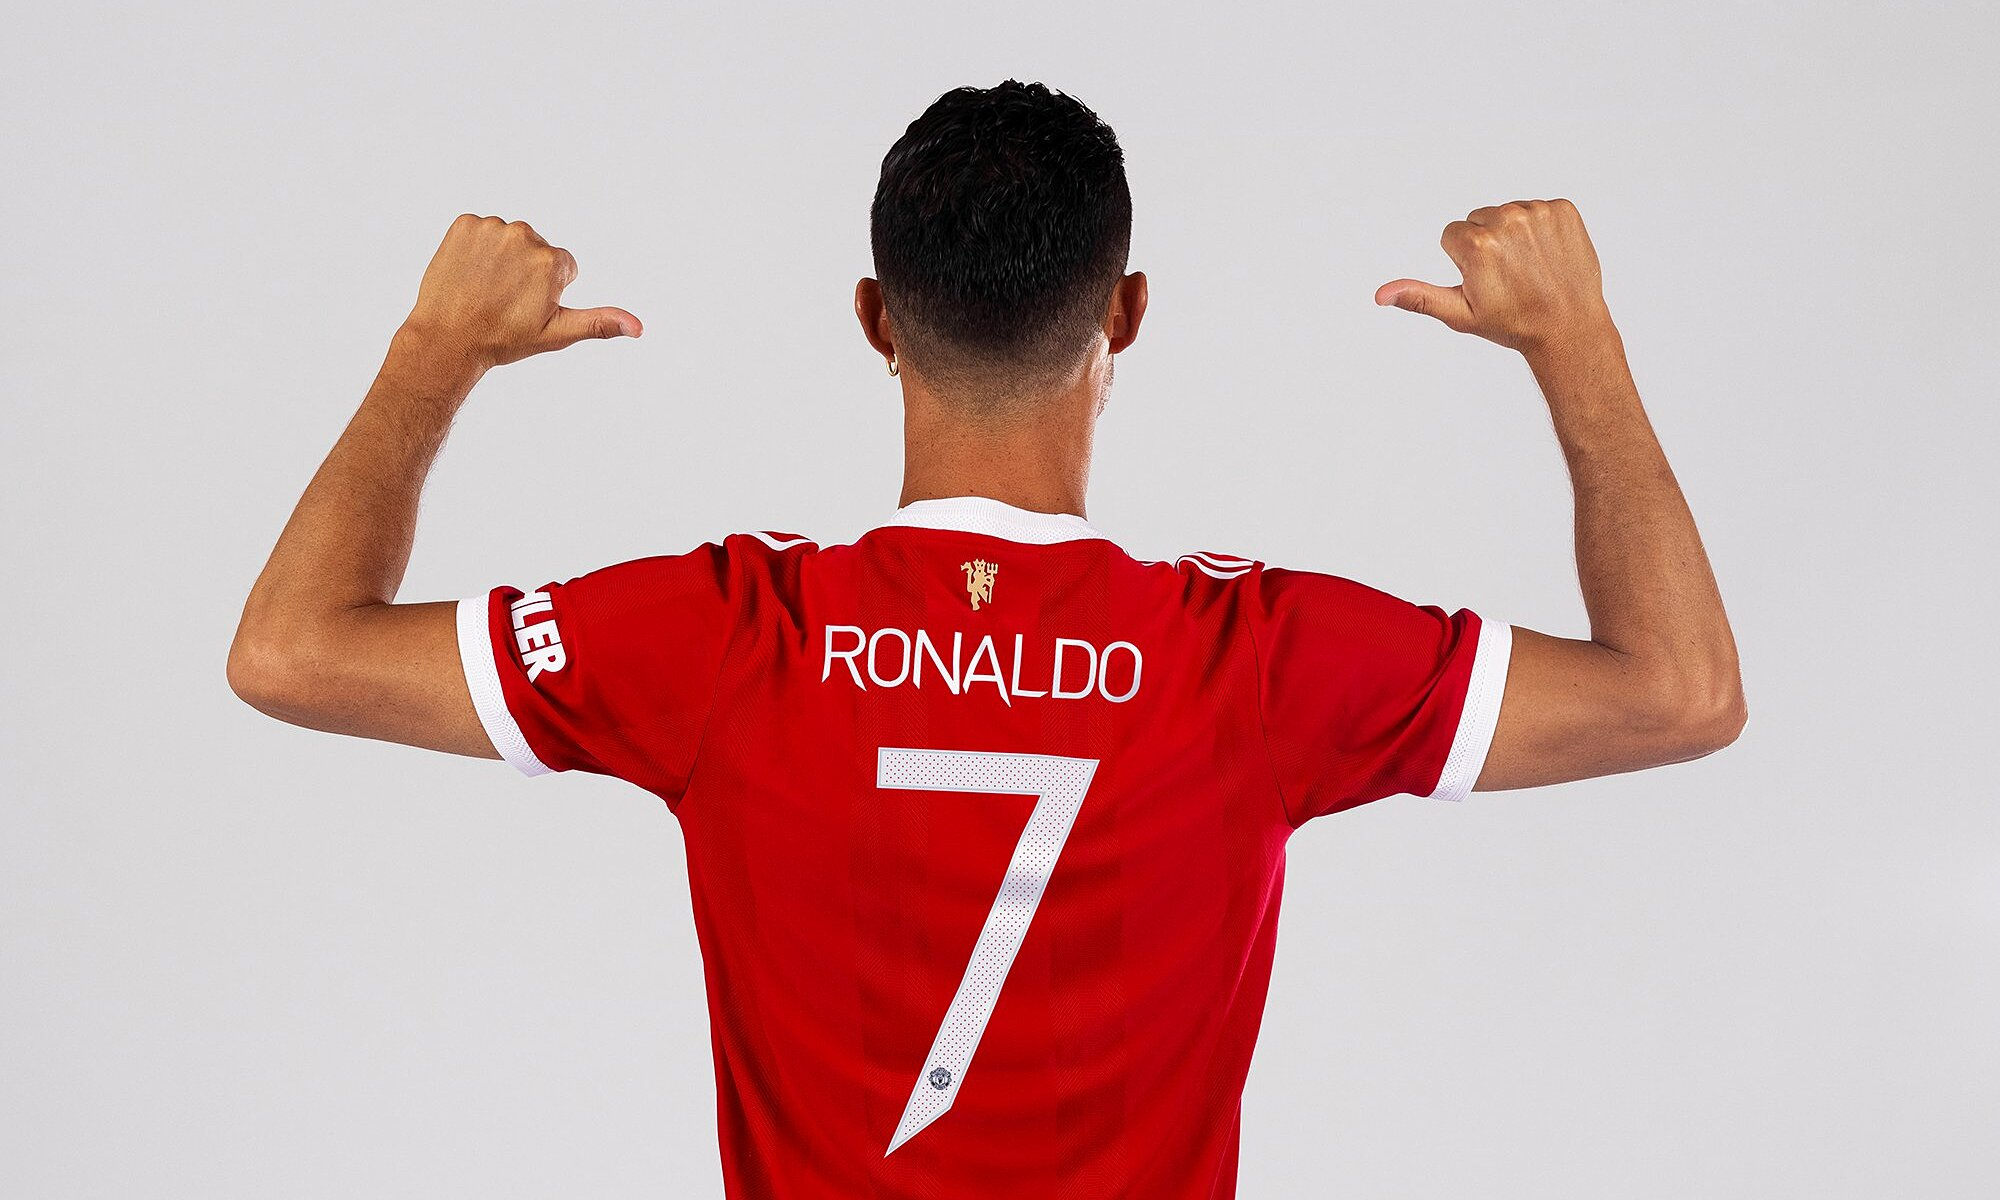 Man Utd công bố áo số 7 của Ronaldo trên các nền tảng truyền thông của CLB vào tối 2/9, giờ London. Ảnh: manutd.com